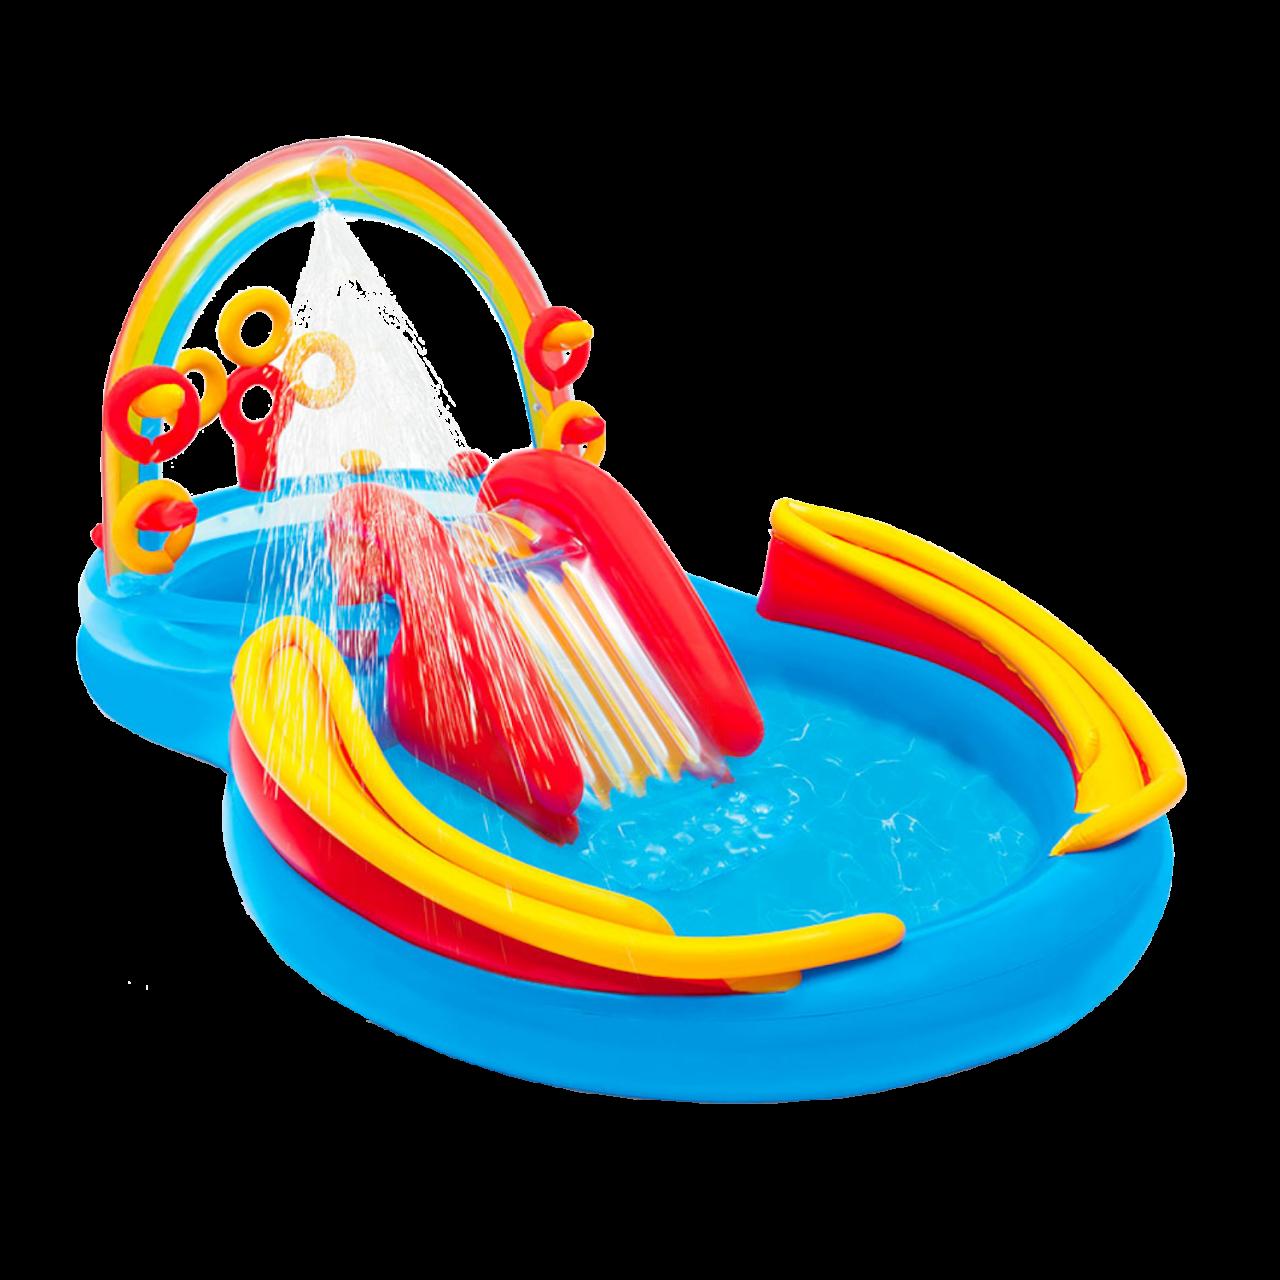 Intex 57453 Kinder Pool mit Rutsche Babypool Planschbecken Bällebad